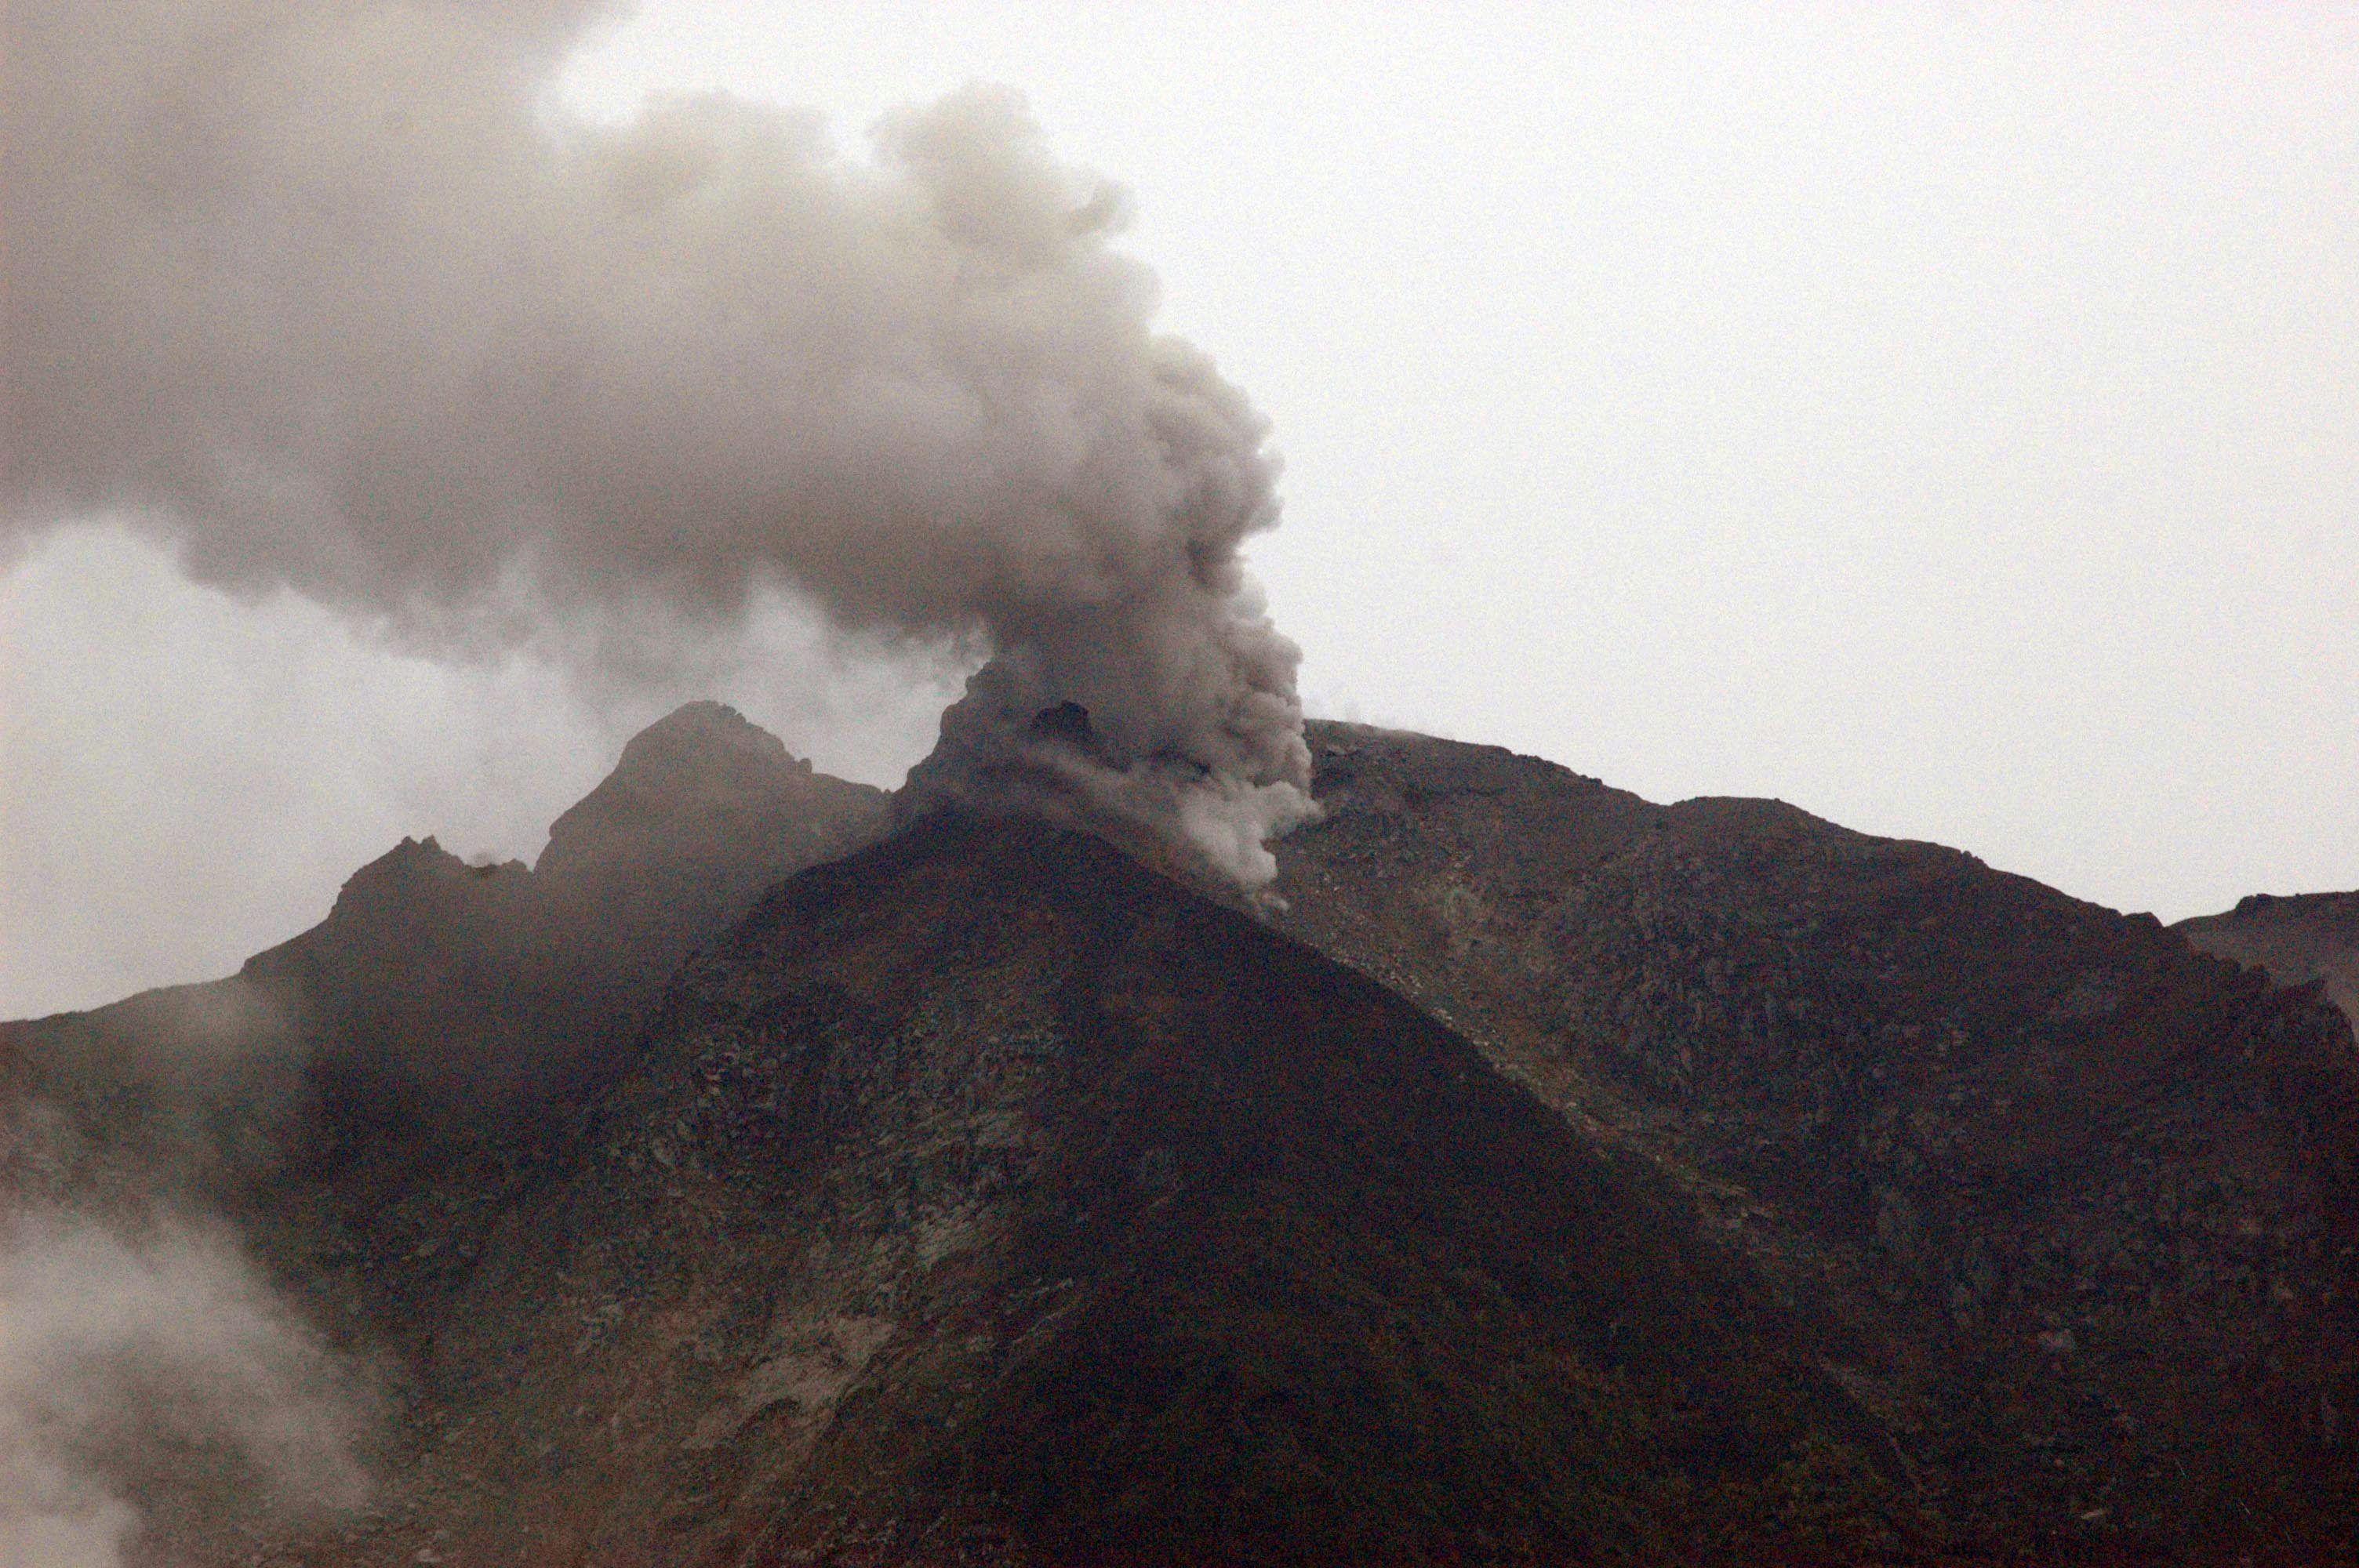 Bali, vulcano Agung a rischio eruzione: allerta al livello massimo, 120mila sfollati